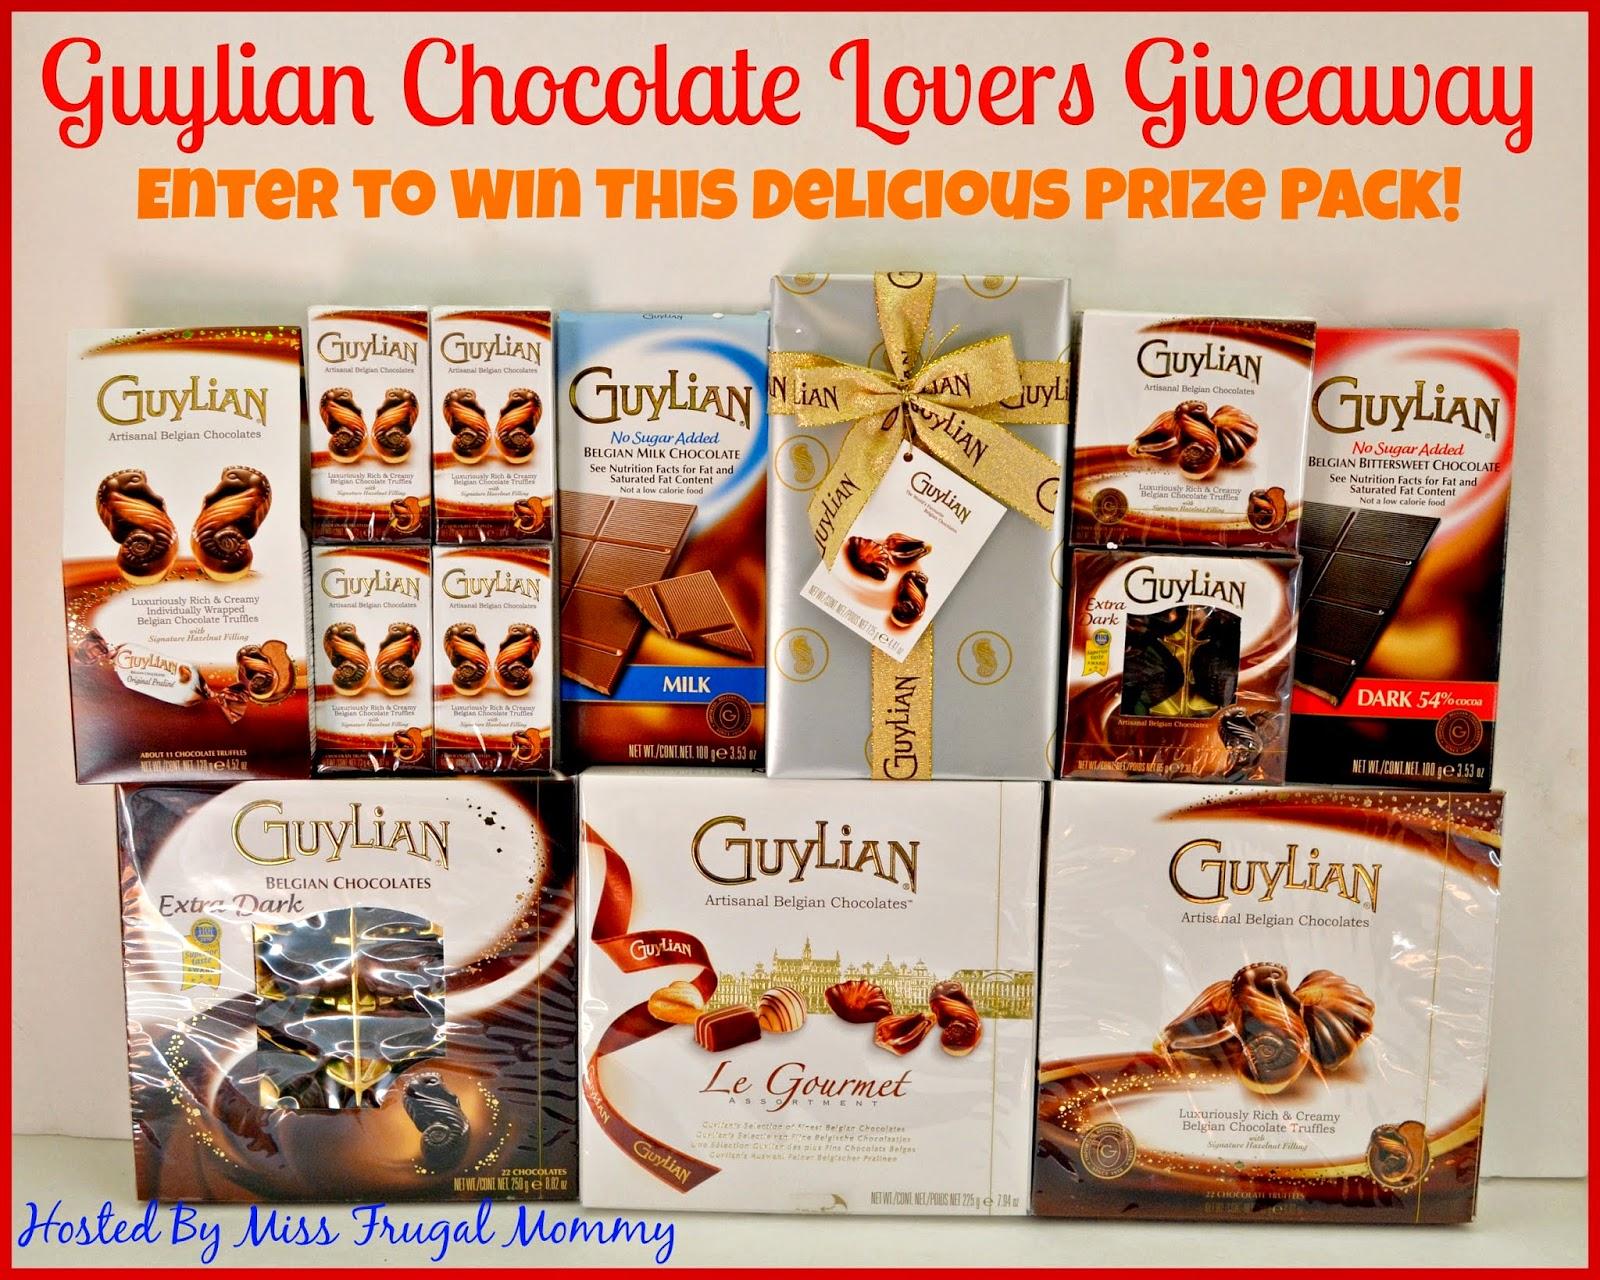 Guylian Chocolate Lovers Giveaway